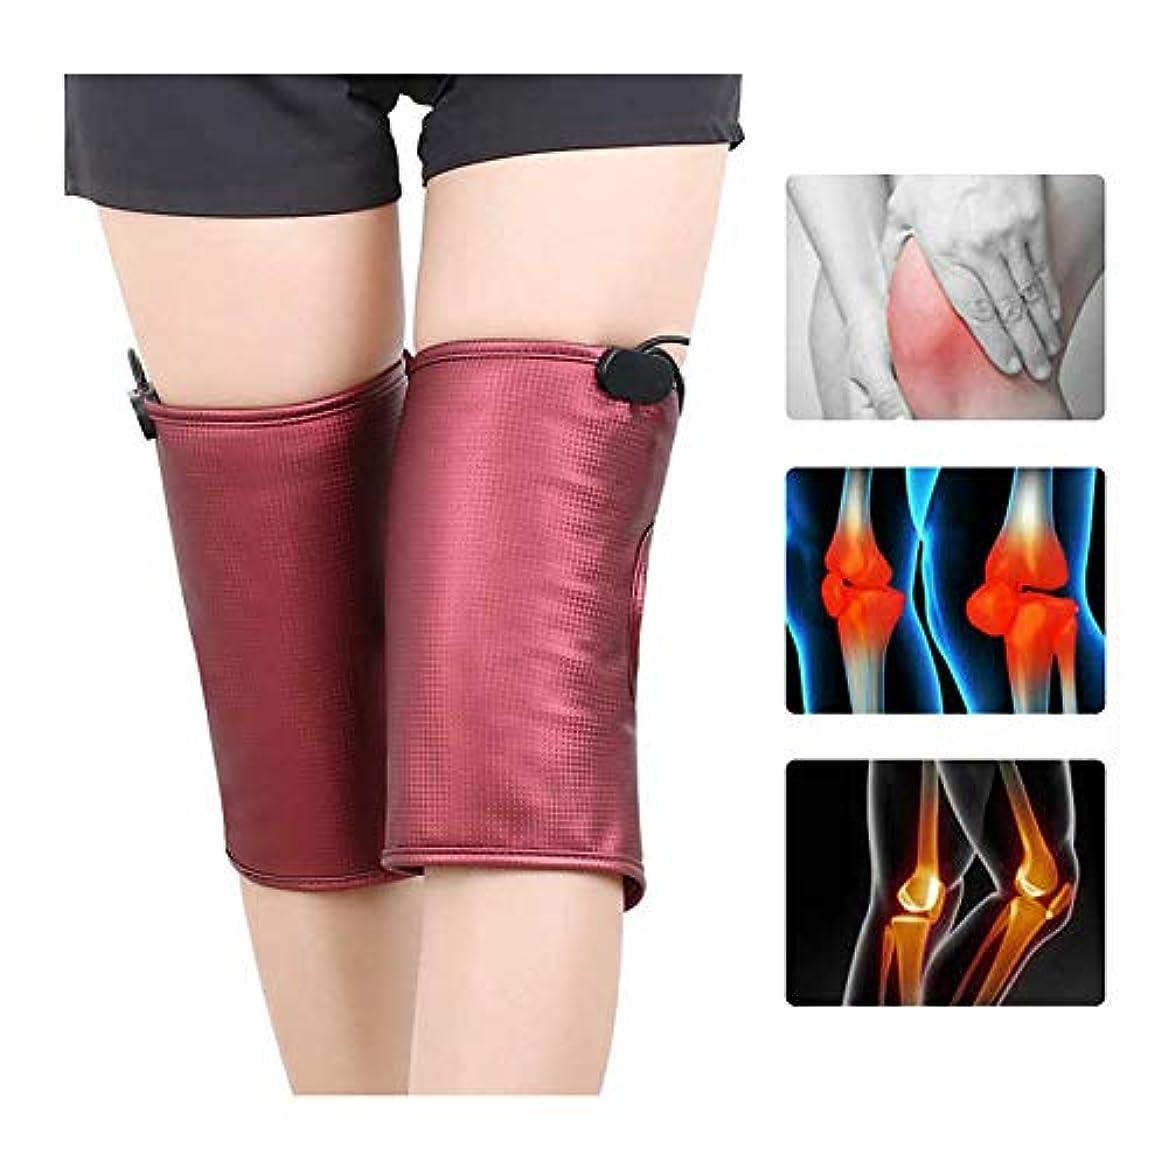 ご予約パテとても多くの関節炎のための加熱された膝装具サポート1対加熱療法Kneepads-赤外線マッサージラップ膝の痛みの軽減